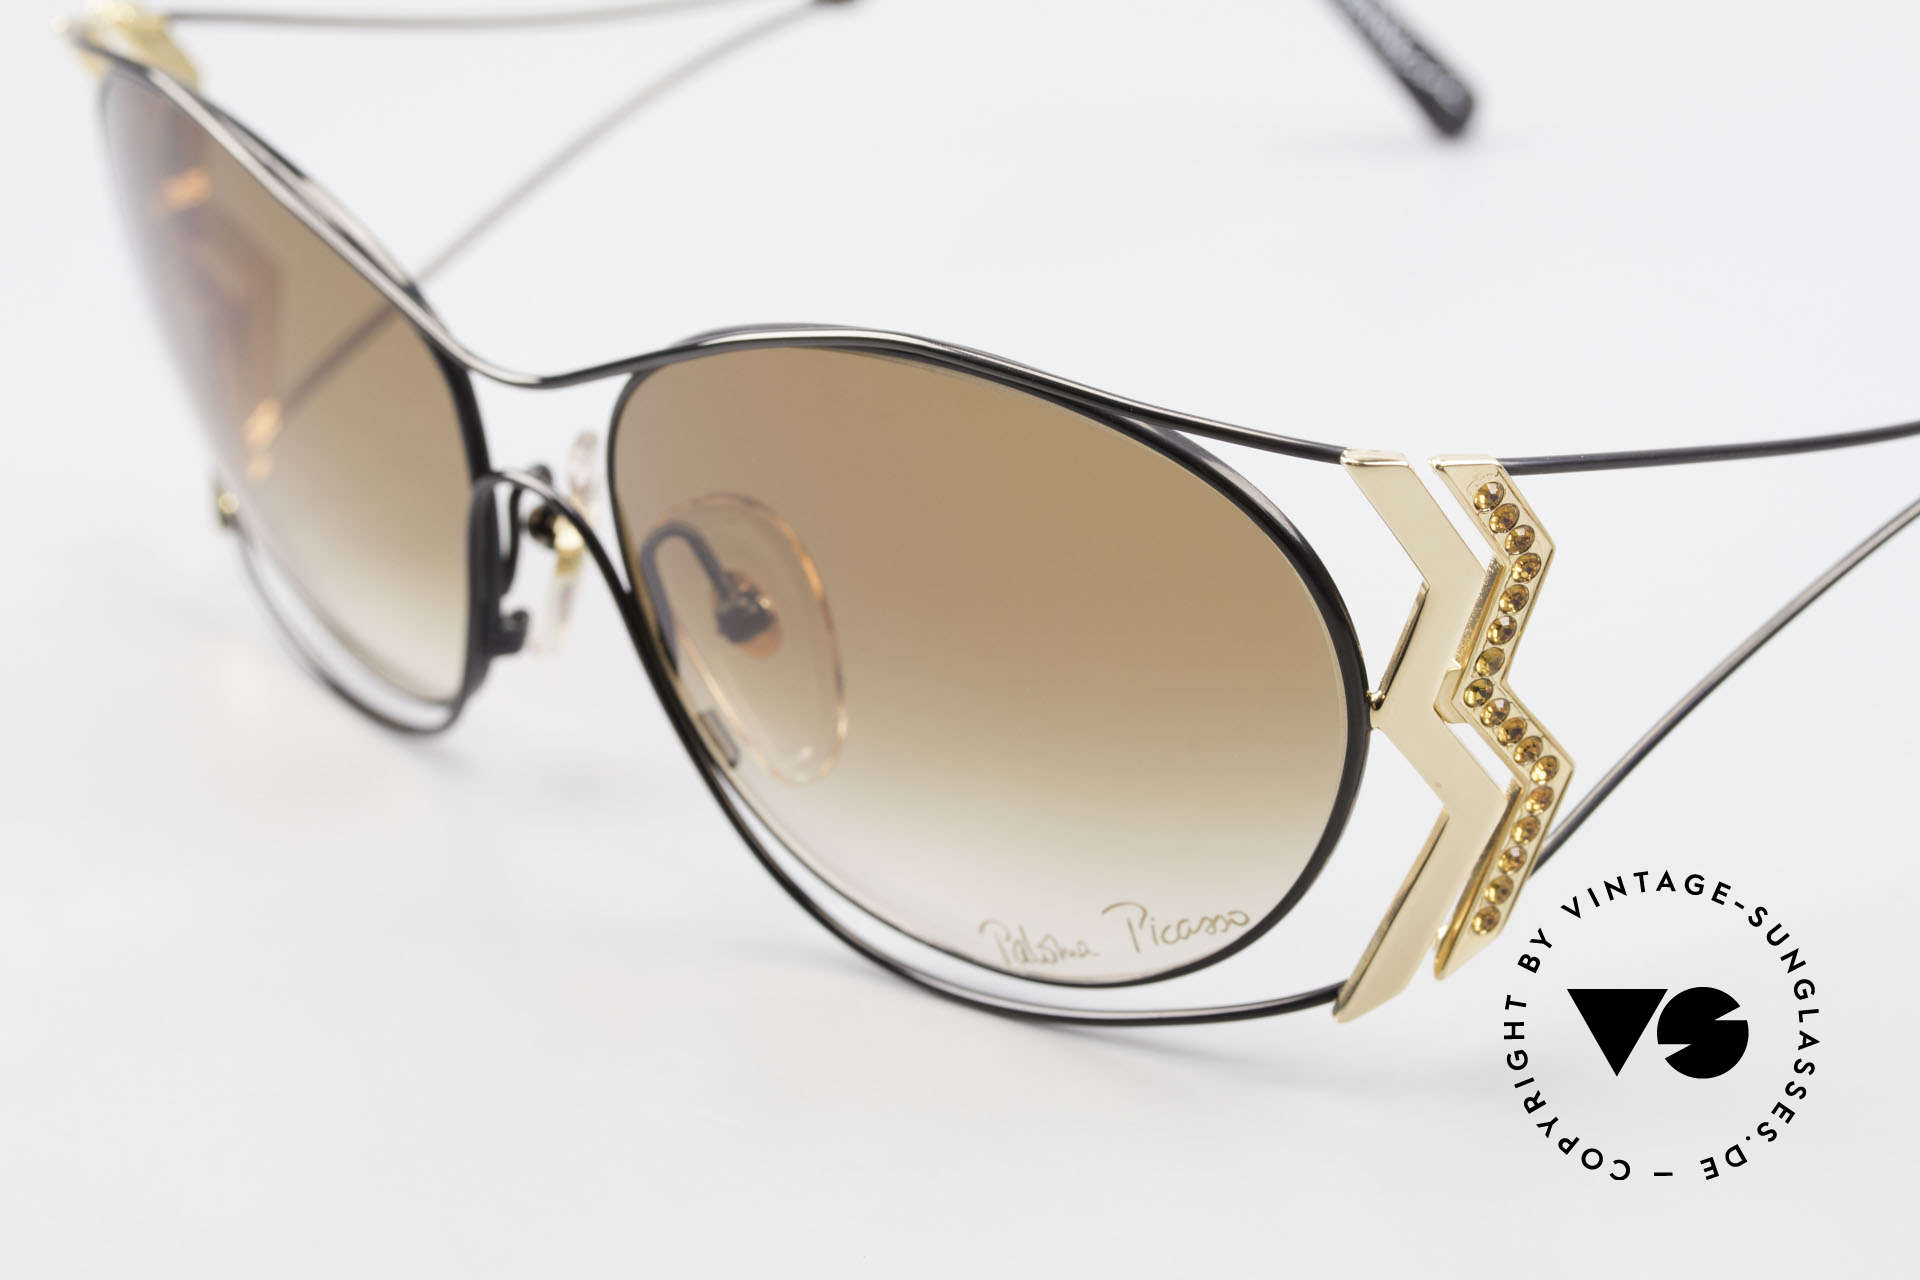 Paloma Picasso 3707 Strass Damensonnenbrille 90er, ungetragenes Modell mit original Etui von Picasso, Passend für Damen